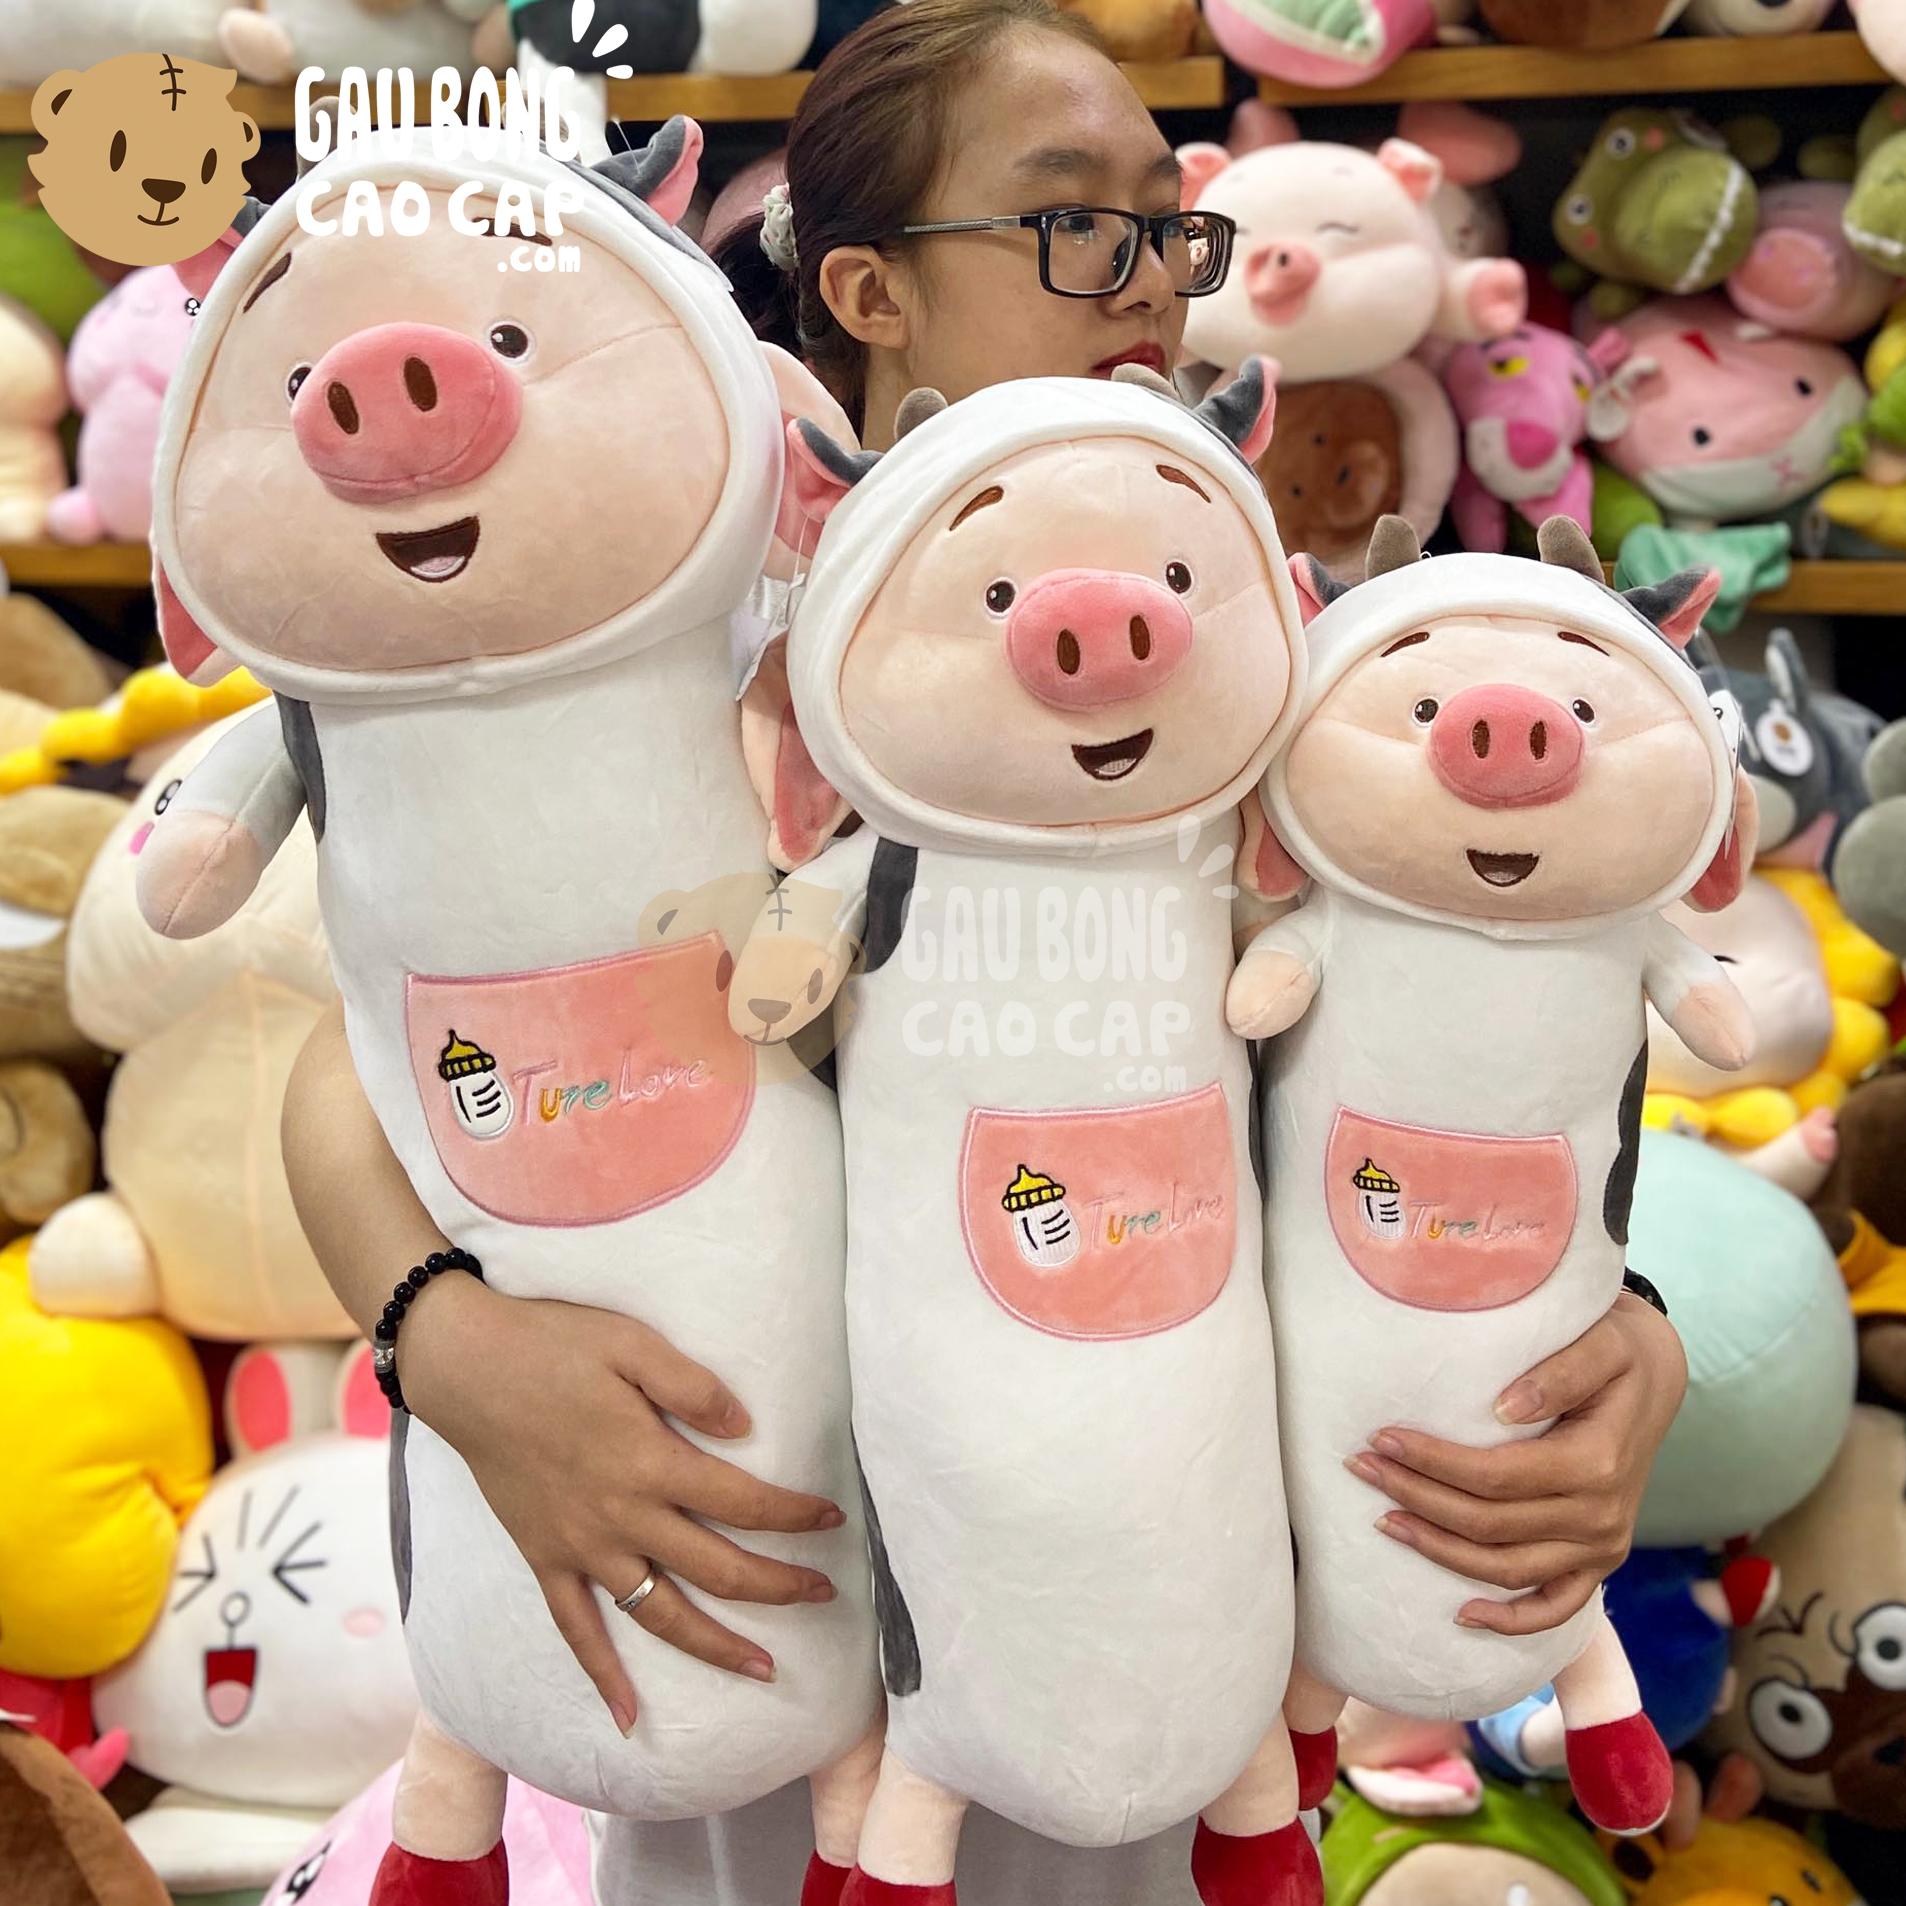 Heo Bông Tiktok cosplay Bò Sữa gối ôm dài